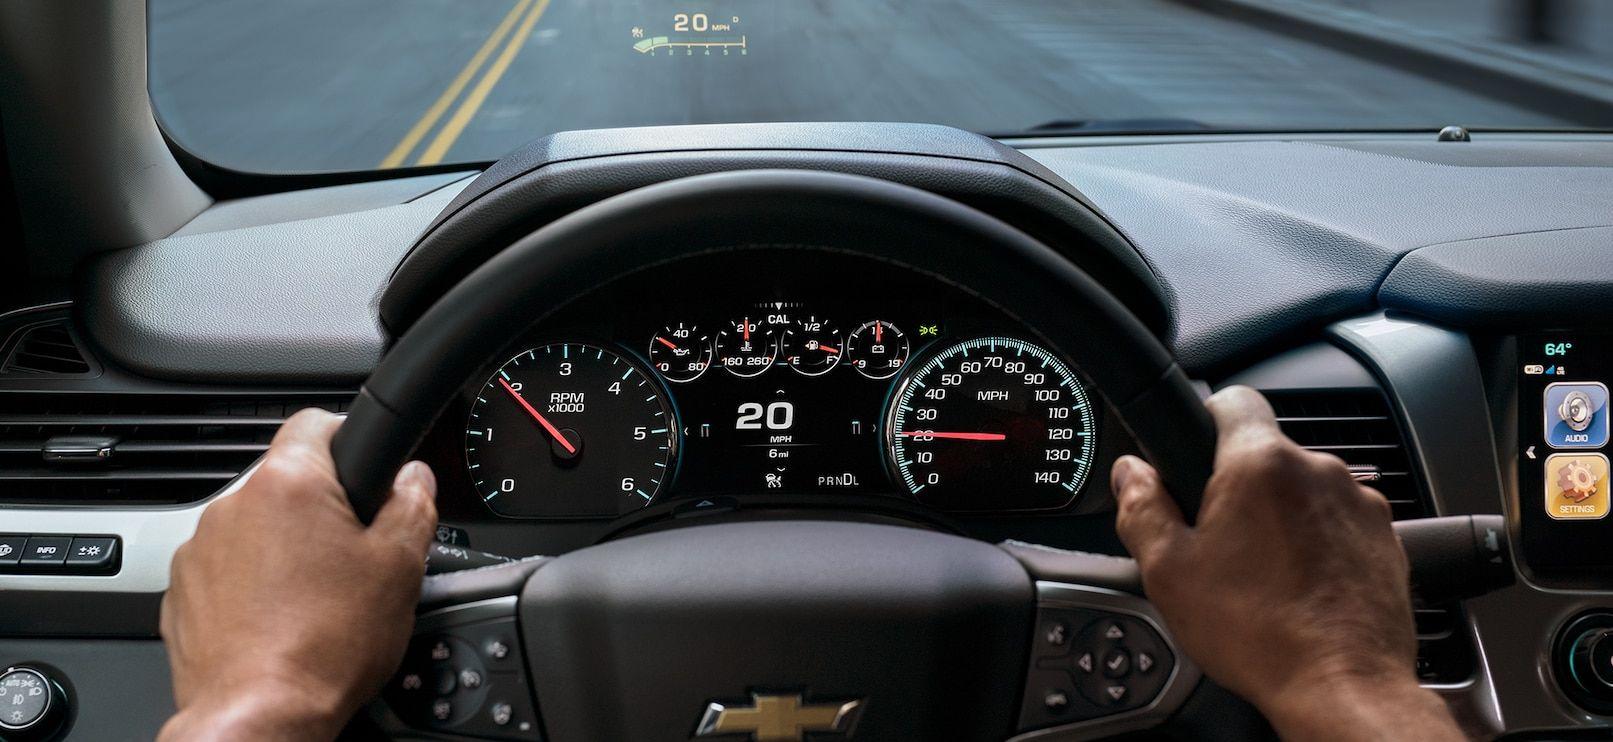 Steering Wheel of the 2019 Tahoe